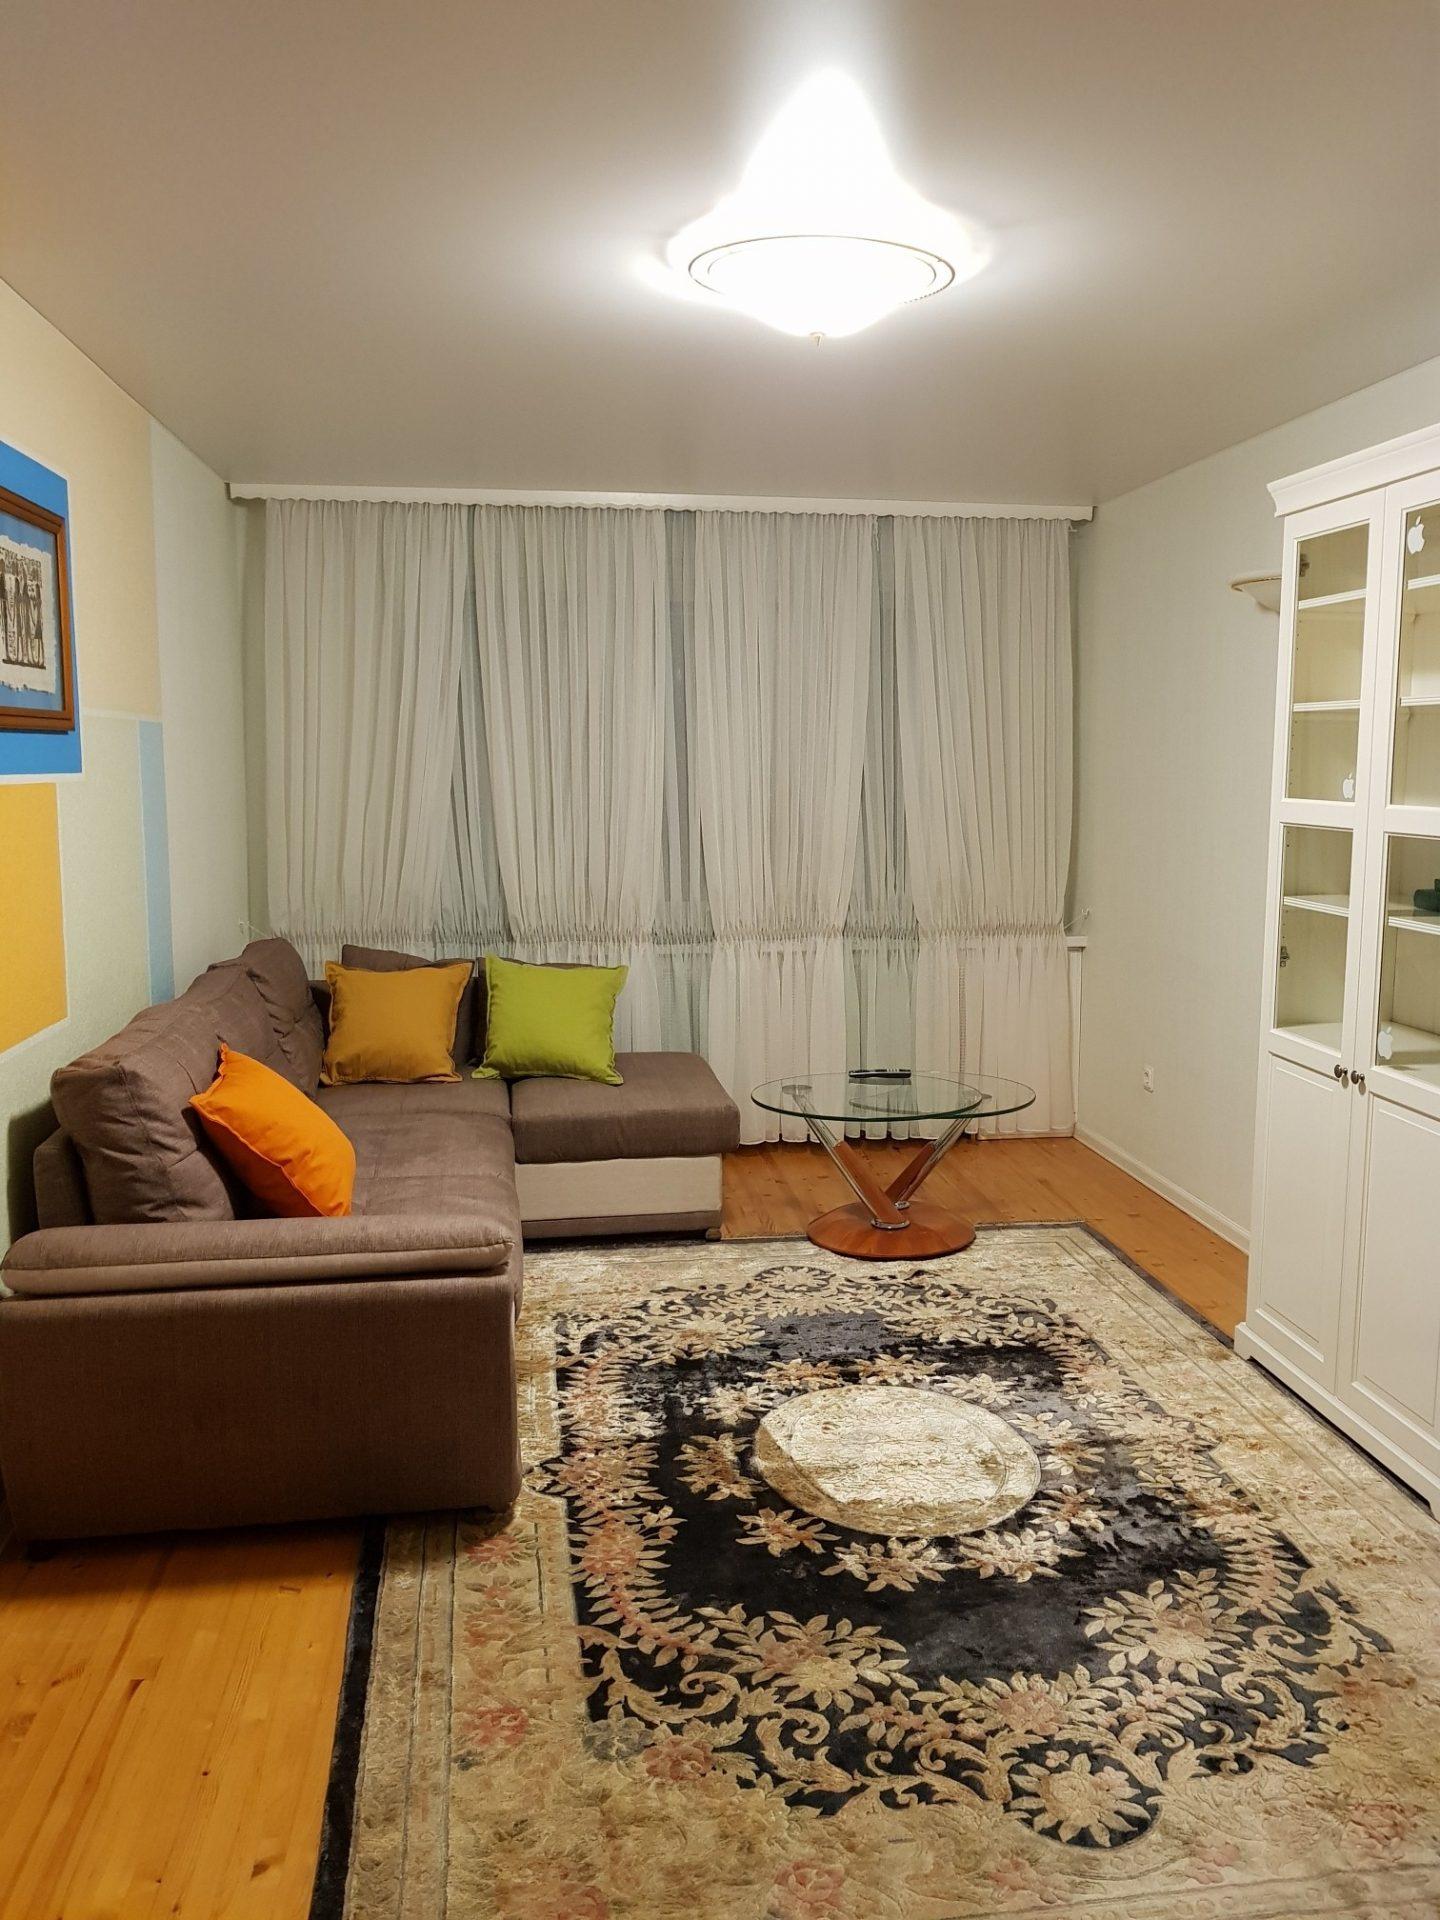 Сдается в аренду на длительный срок 4 комнатная квартира, 90м2 в малоэтажном, кирпичном доме, пр. Энгельса